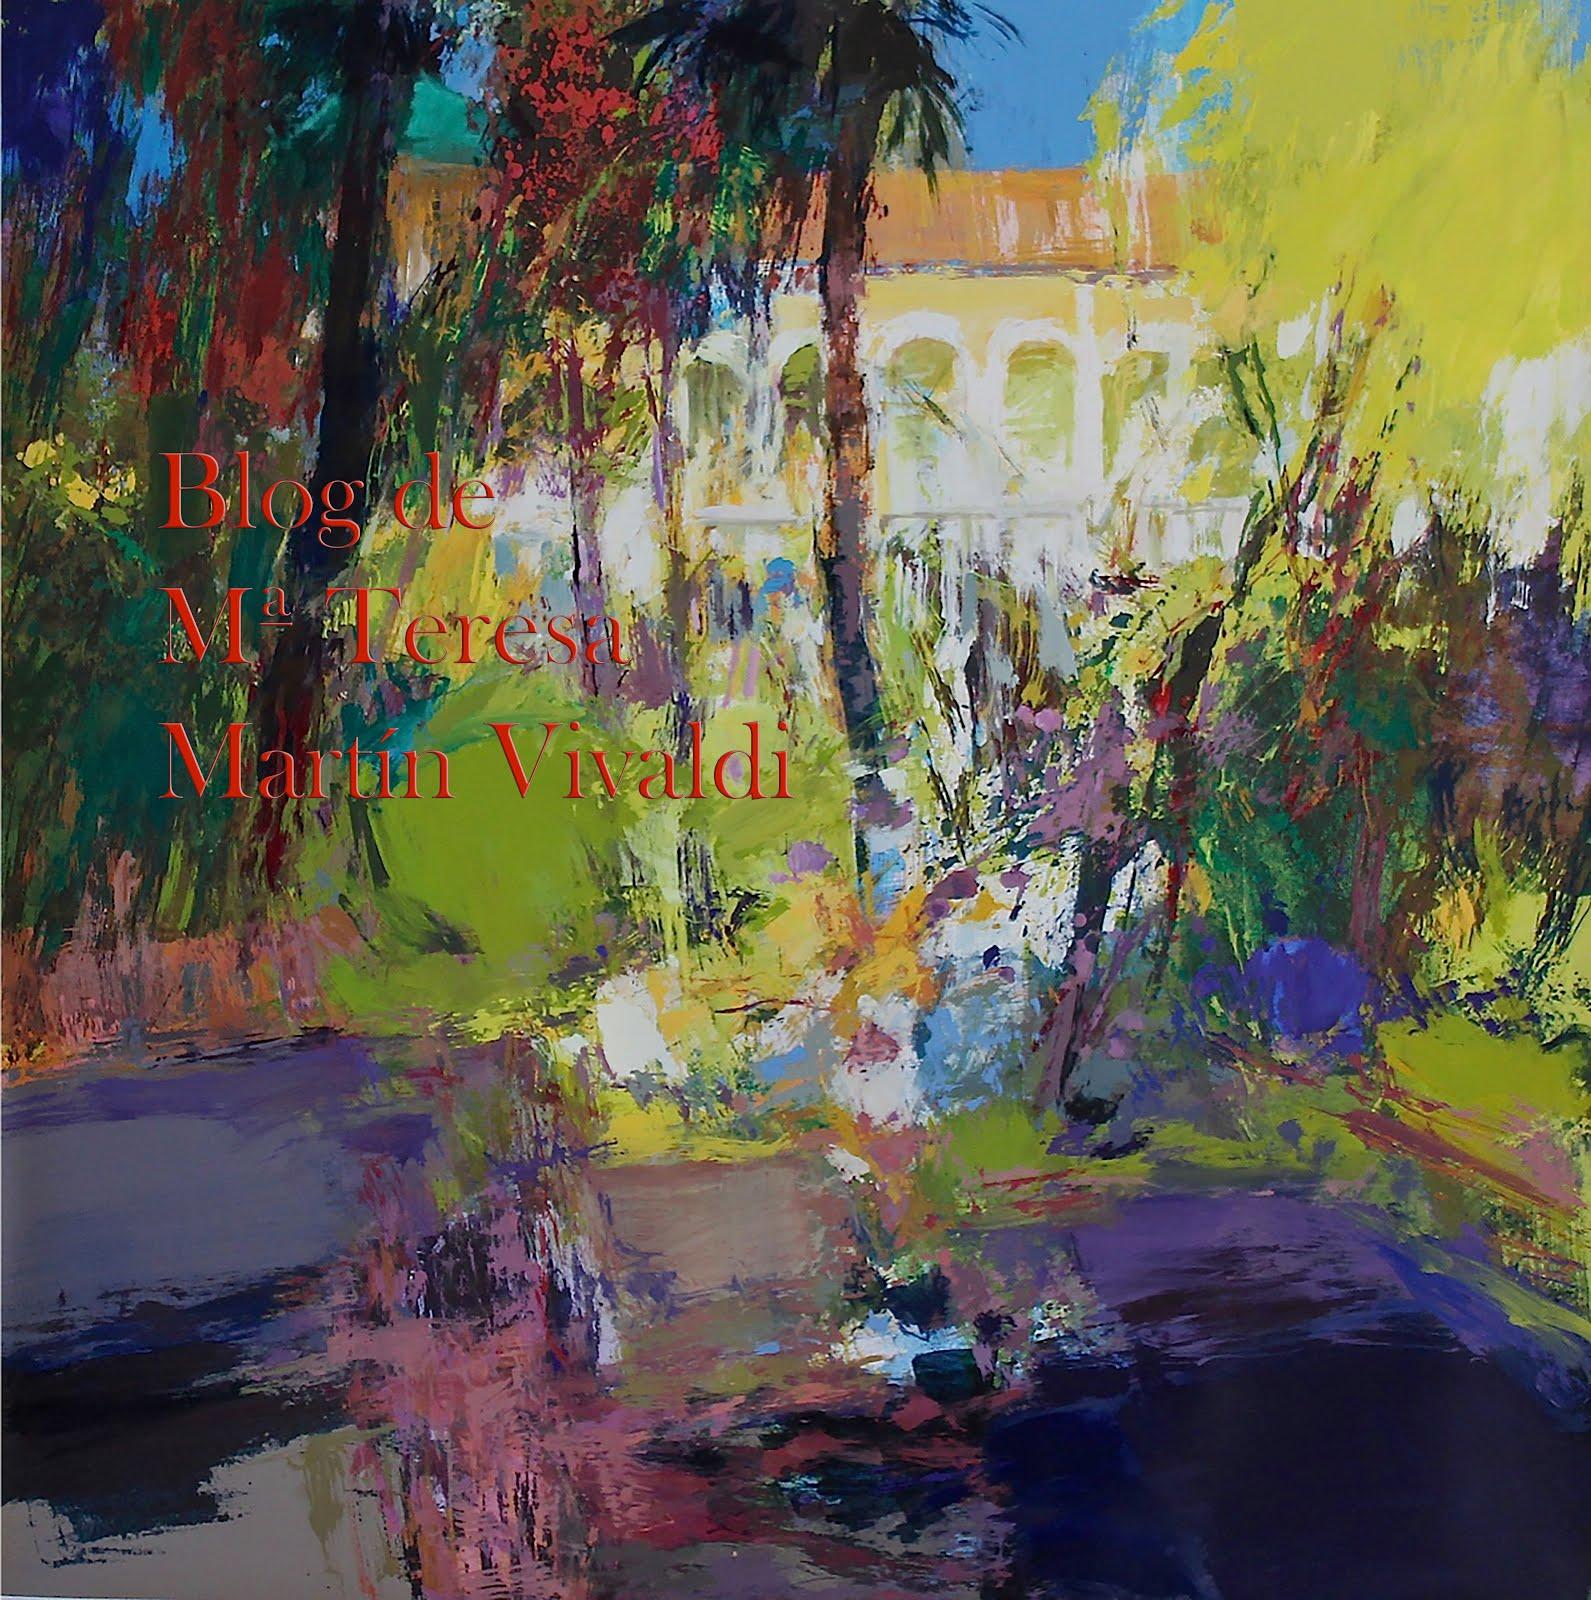 Blog de Mª Teresa Martín Vivaldi